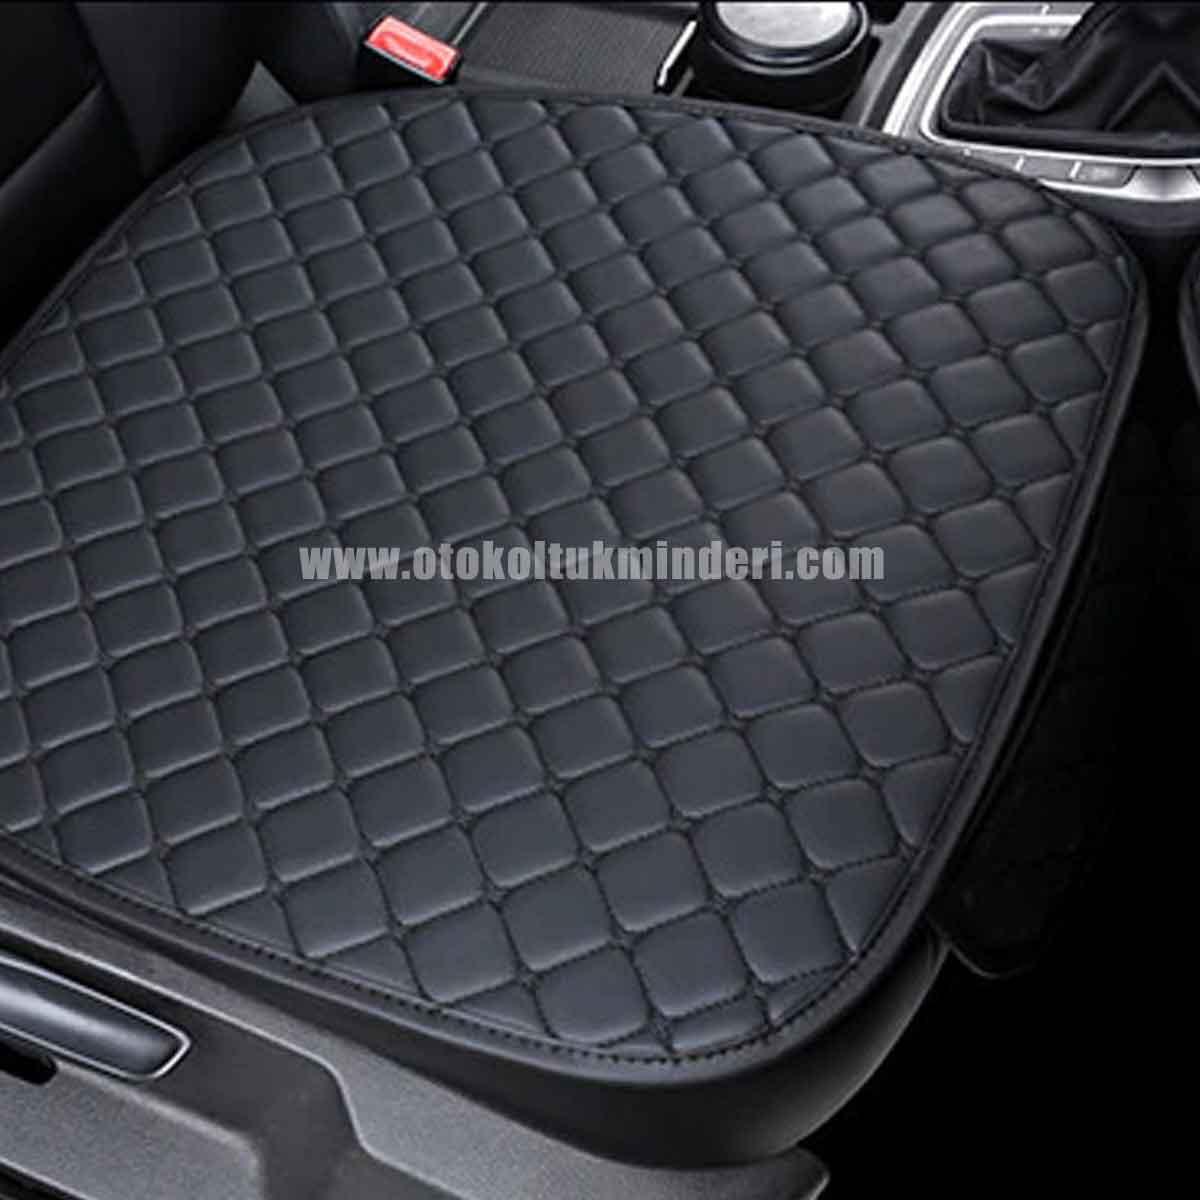 Volkswagen oto koltuk kılıfı - Volkswagen Koltuk minderi Siyah Deri Cepli